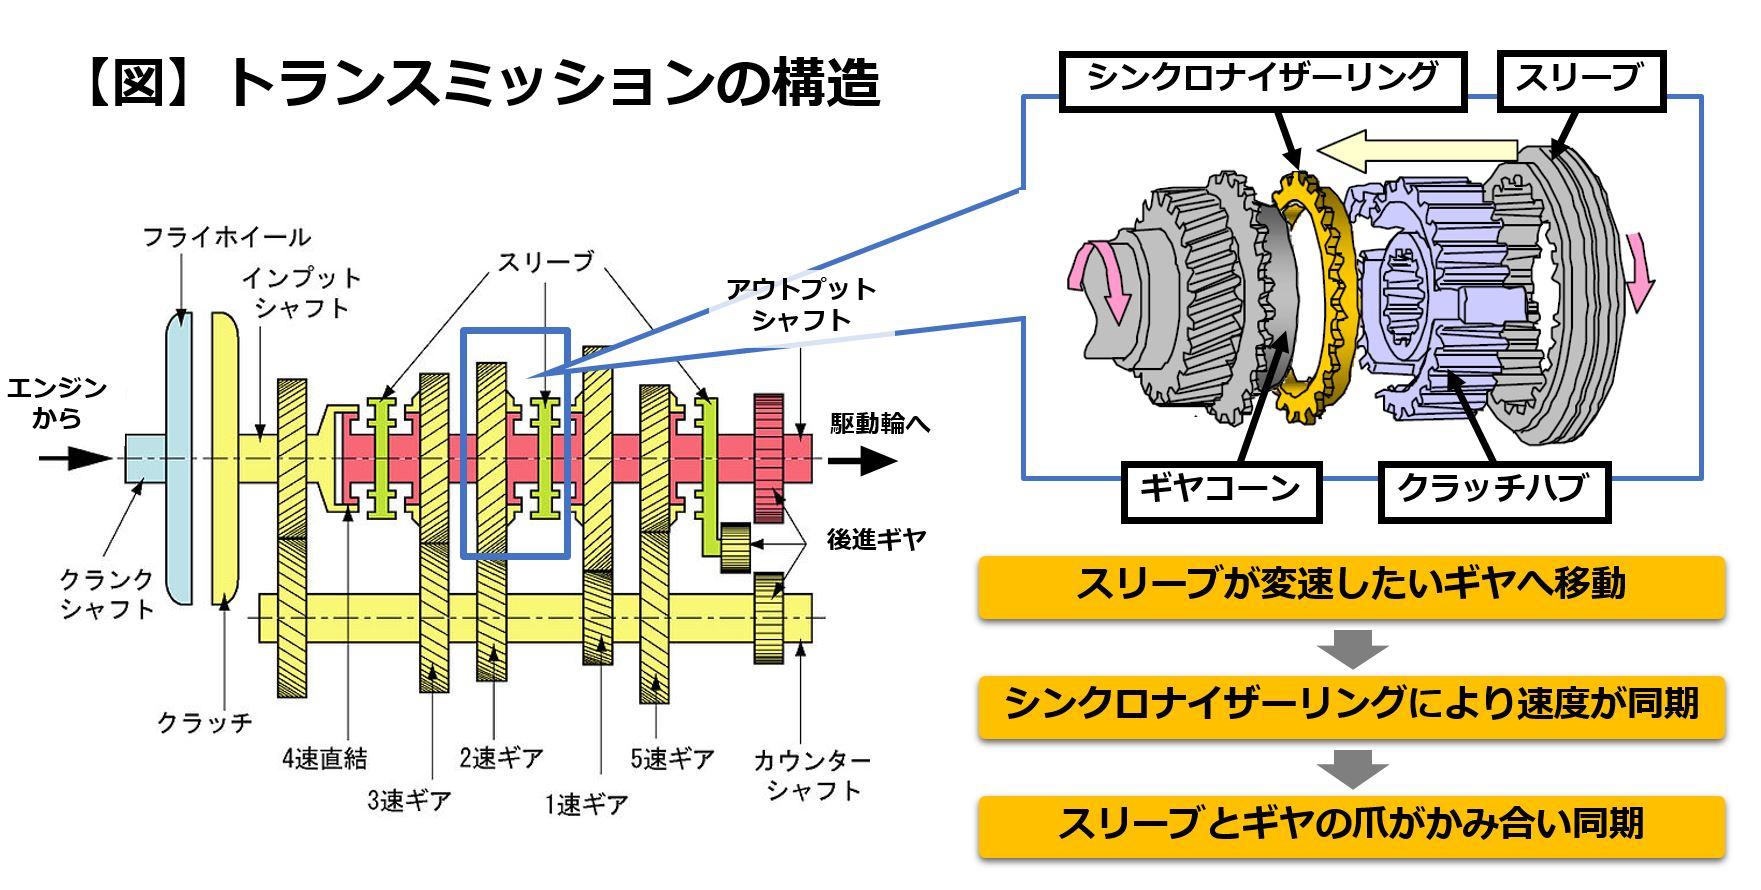 トランスミッションの構造とシンクロナイザー周辺の拡大図